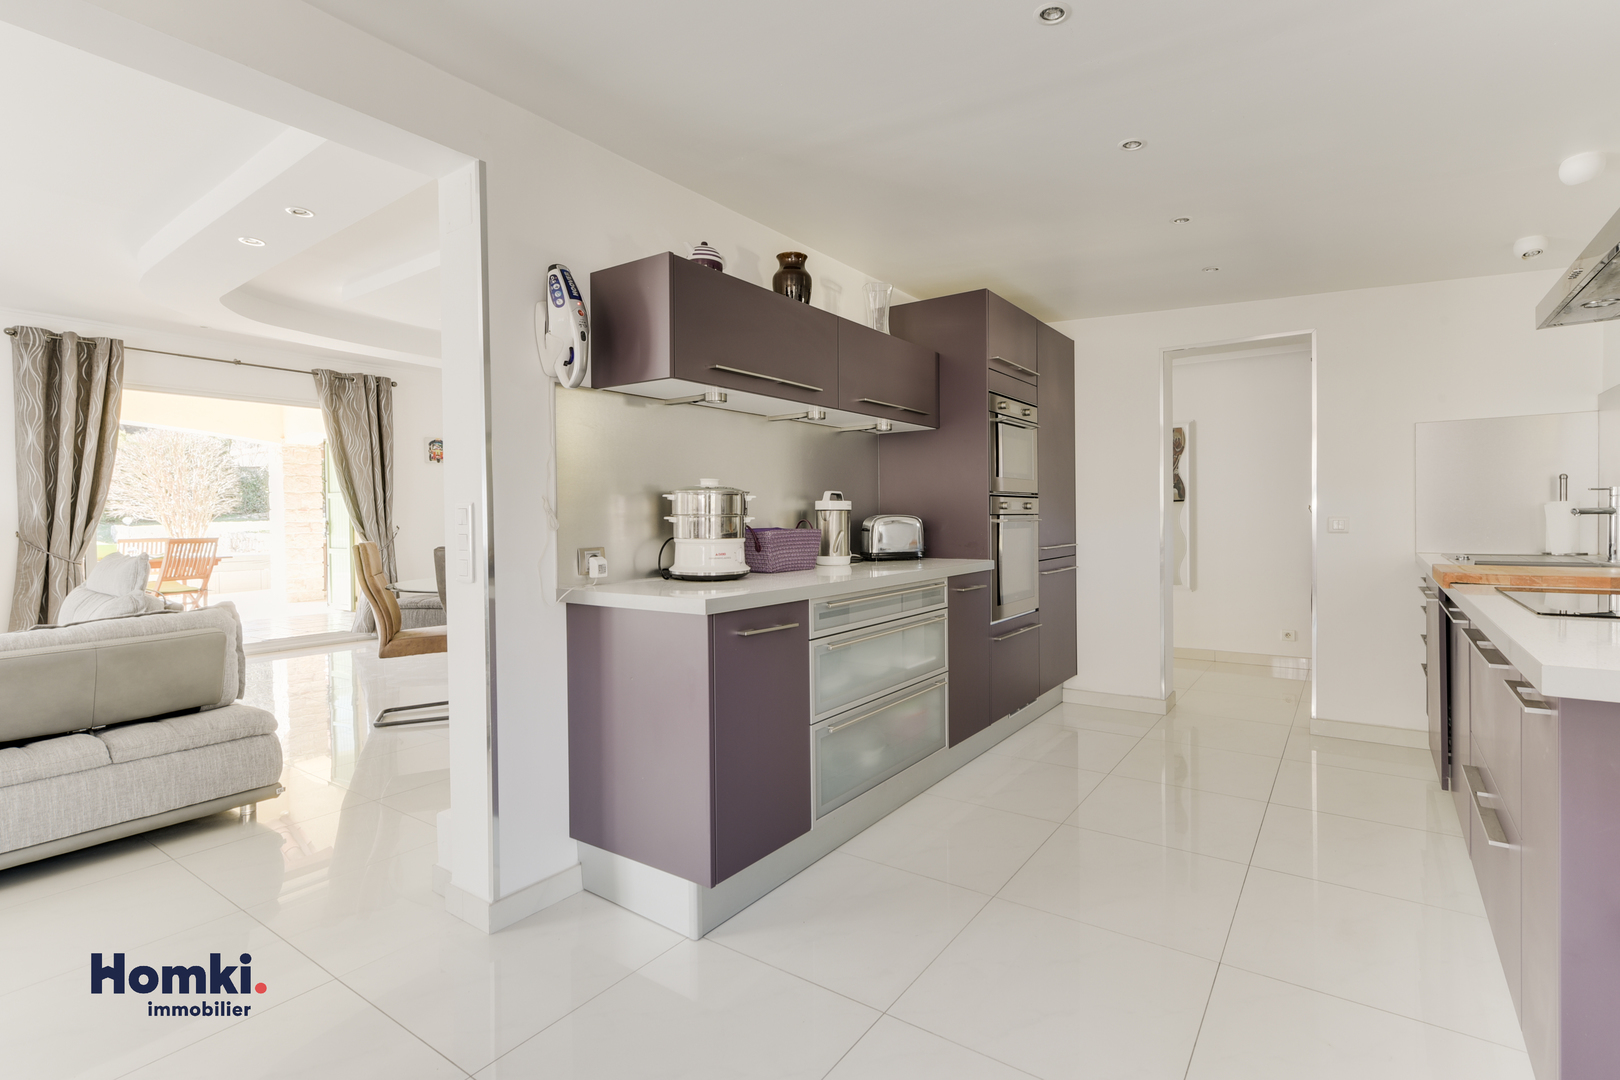 Vente Maison 160 m² T5 06440_4